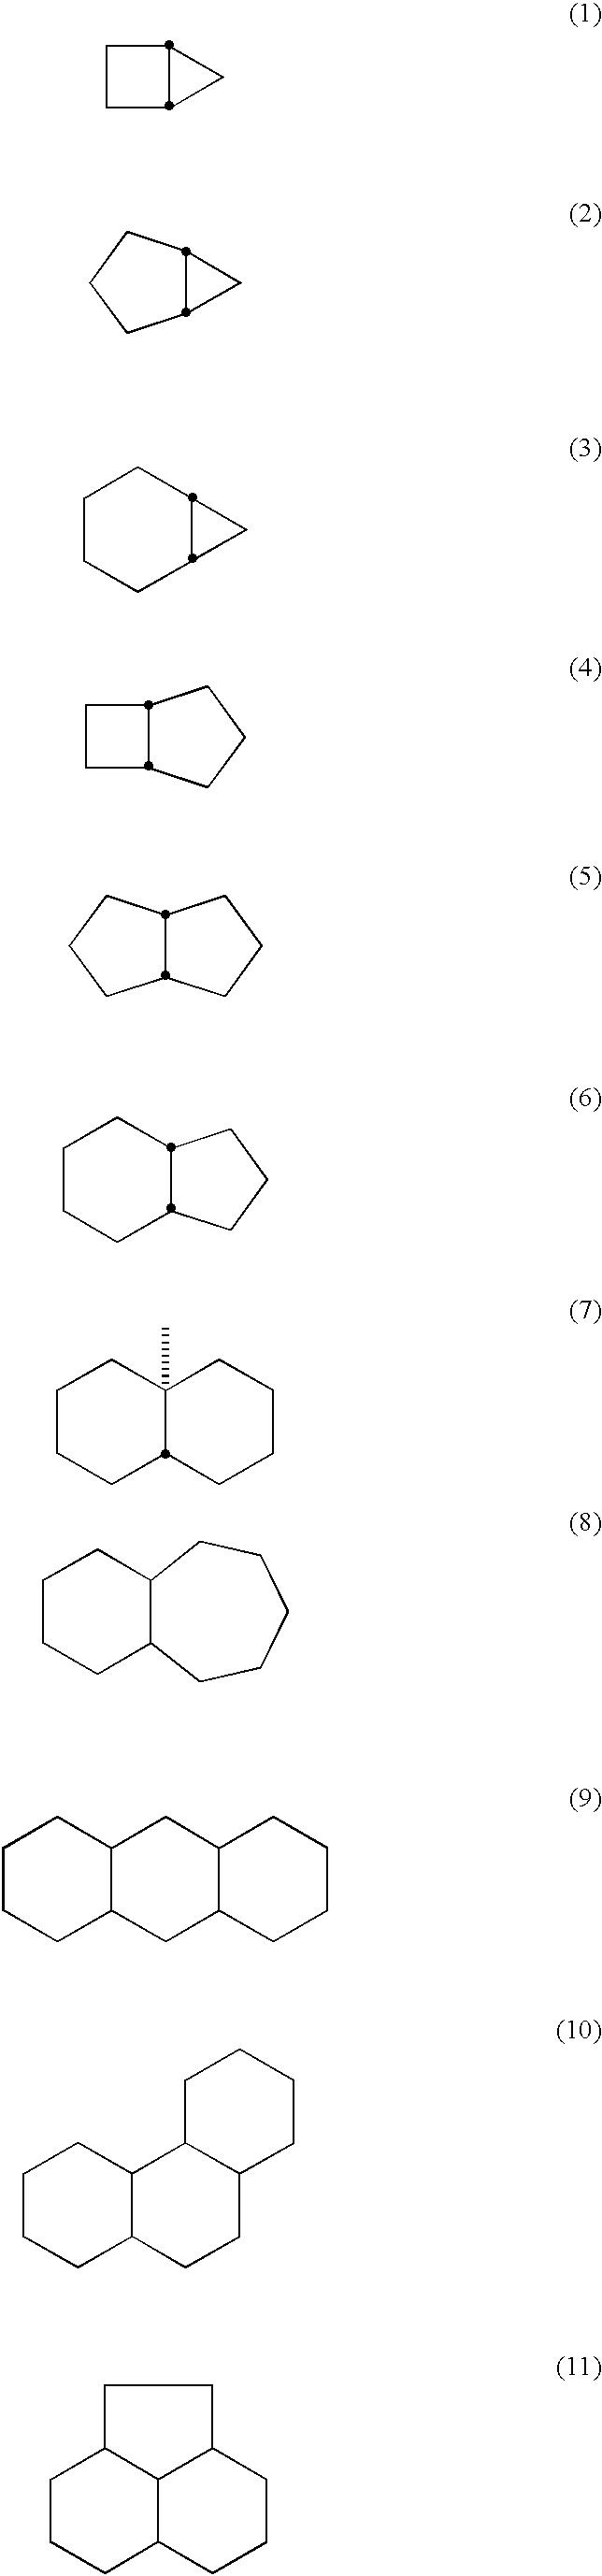 Figure US20030186161A1-20031002-C00040